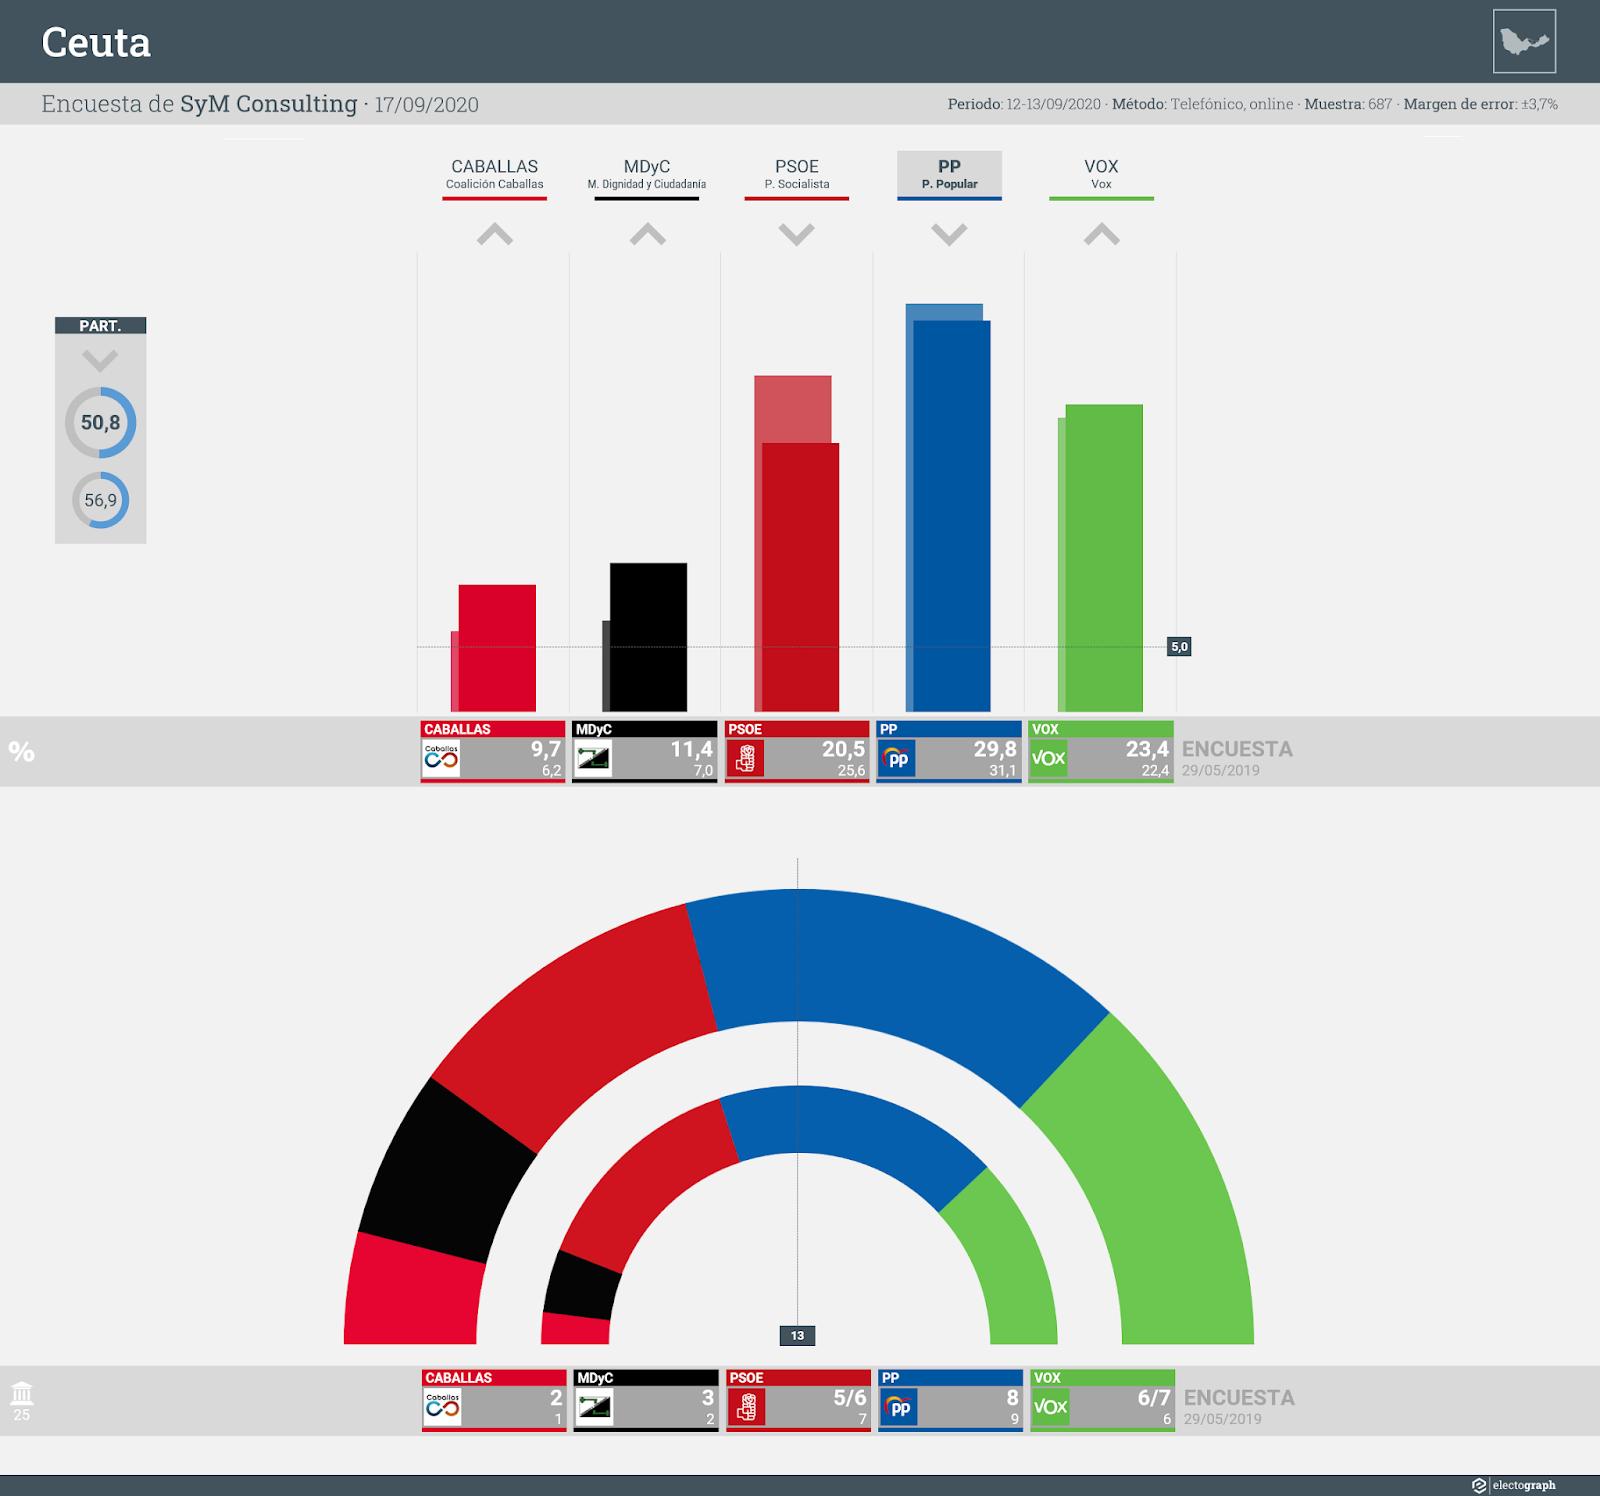 Gráfico de la encuesta para elecciones autonómicas en Ceuta realizada por SyM Consulting, 17 de septiembre de 2020